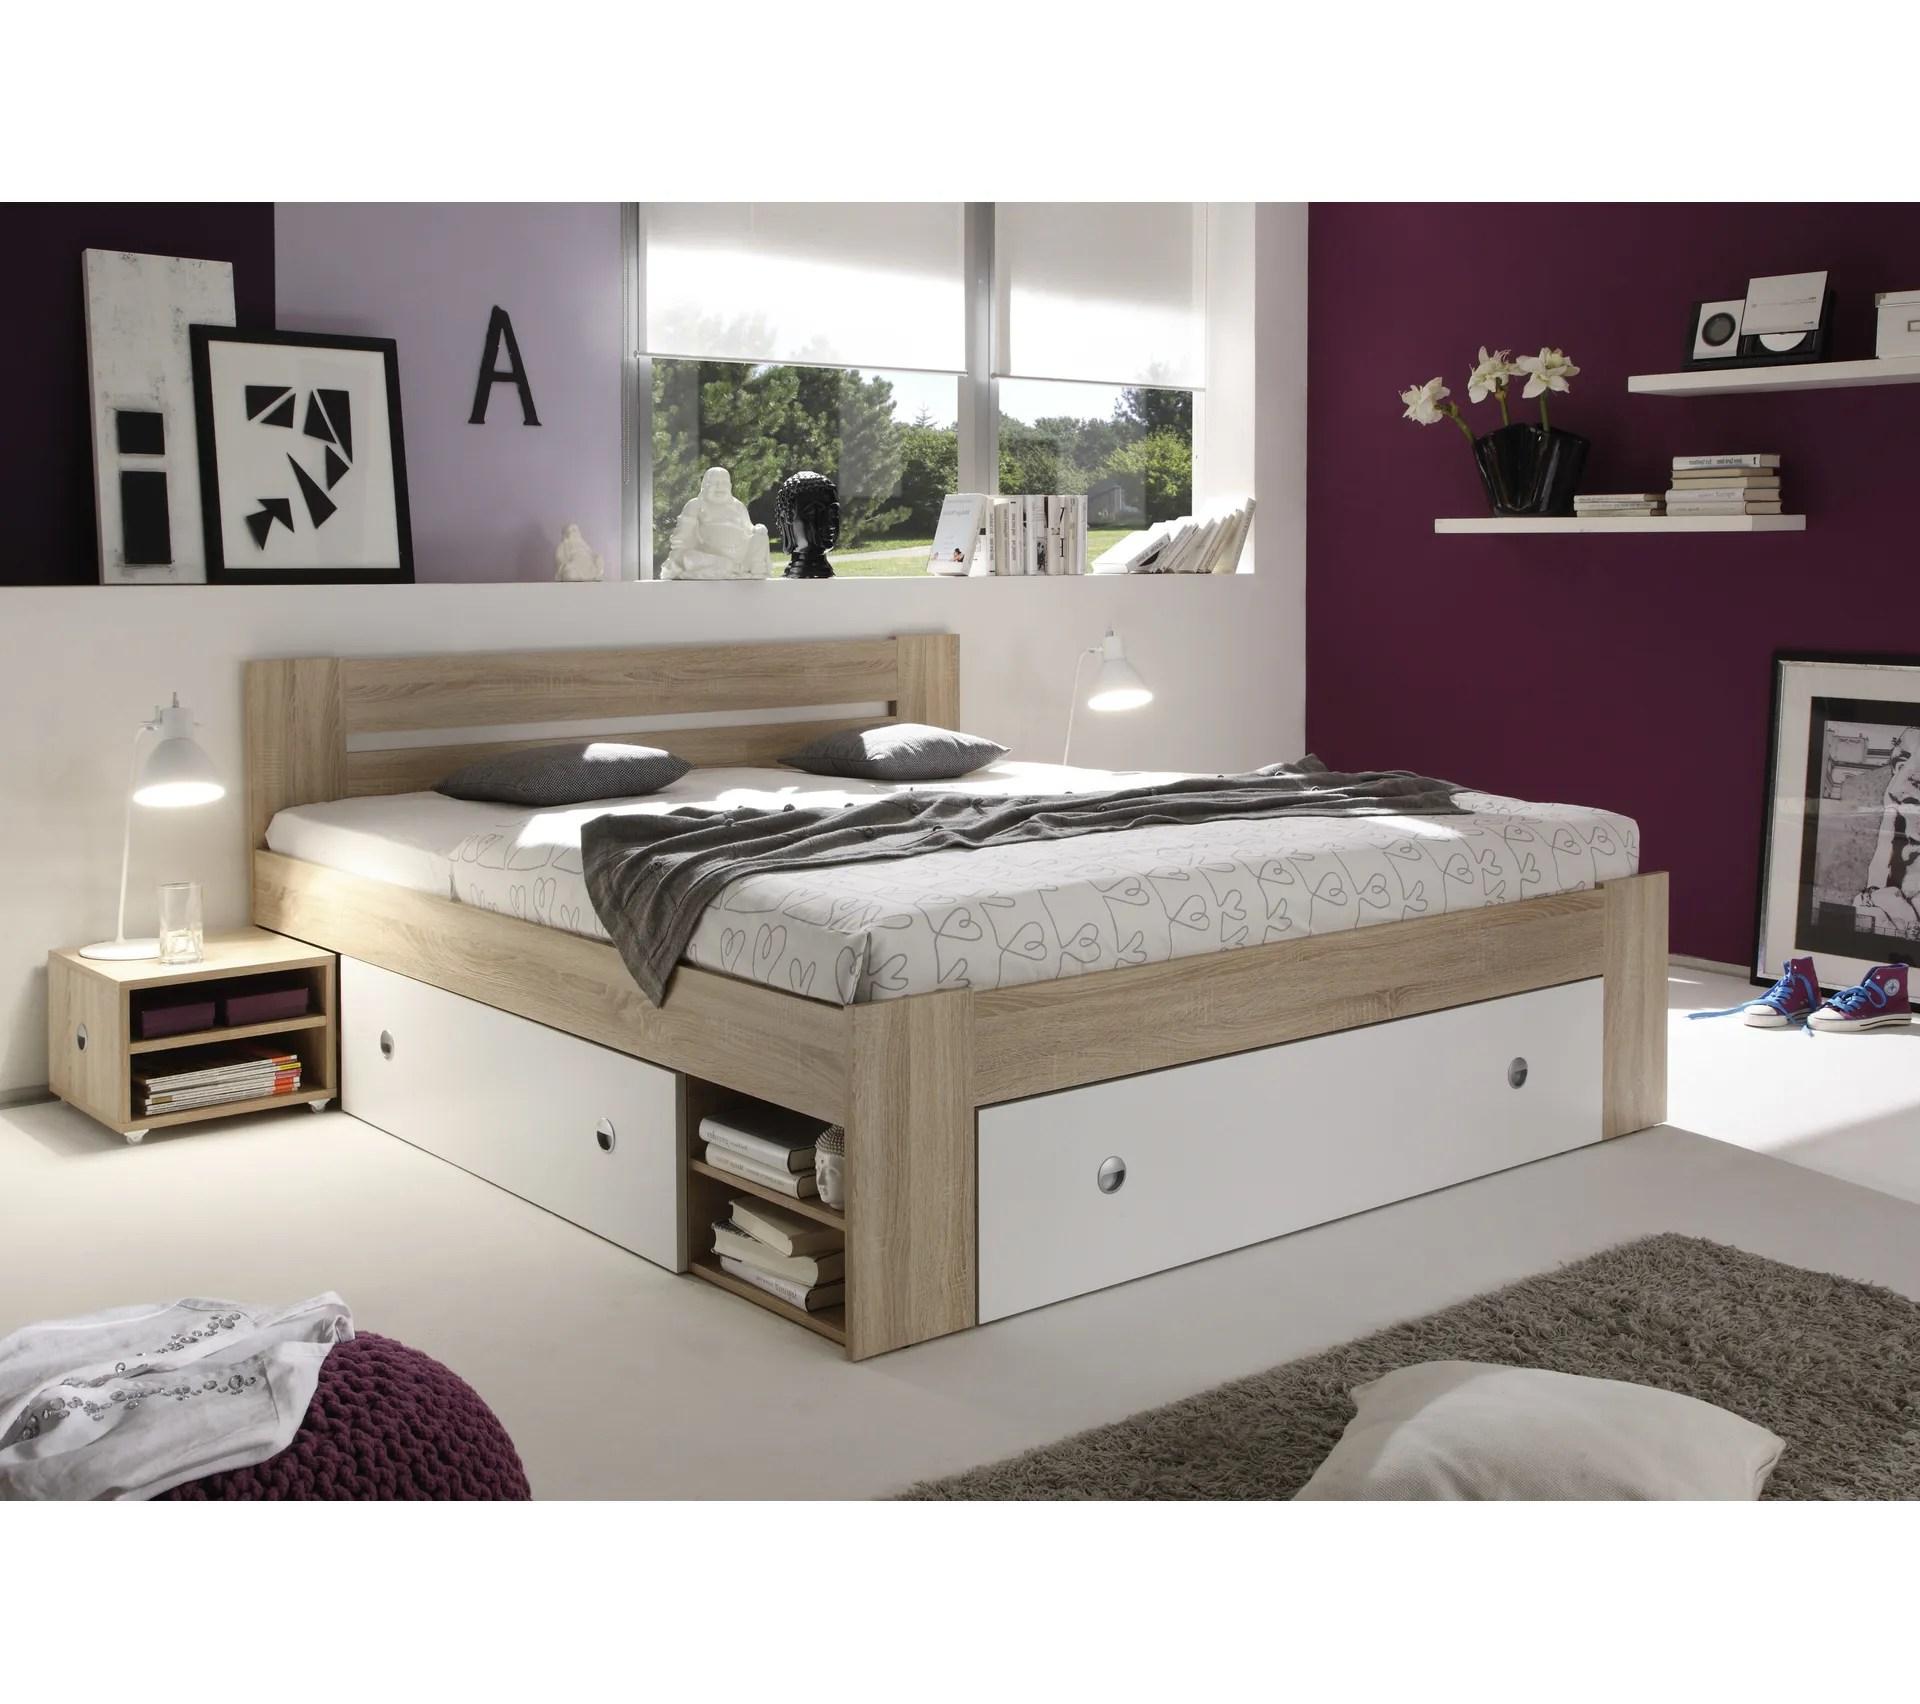 lit avec rangement 140x200 cm stefan chene et blanc